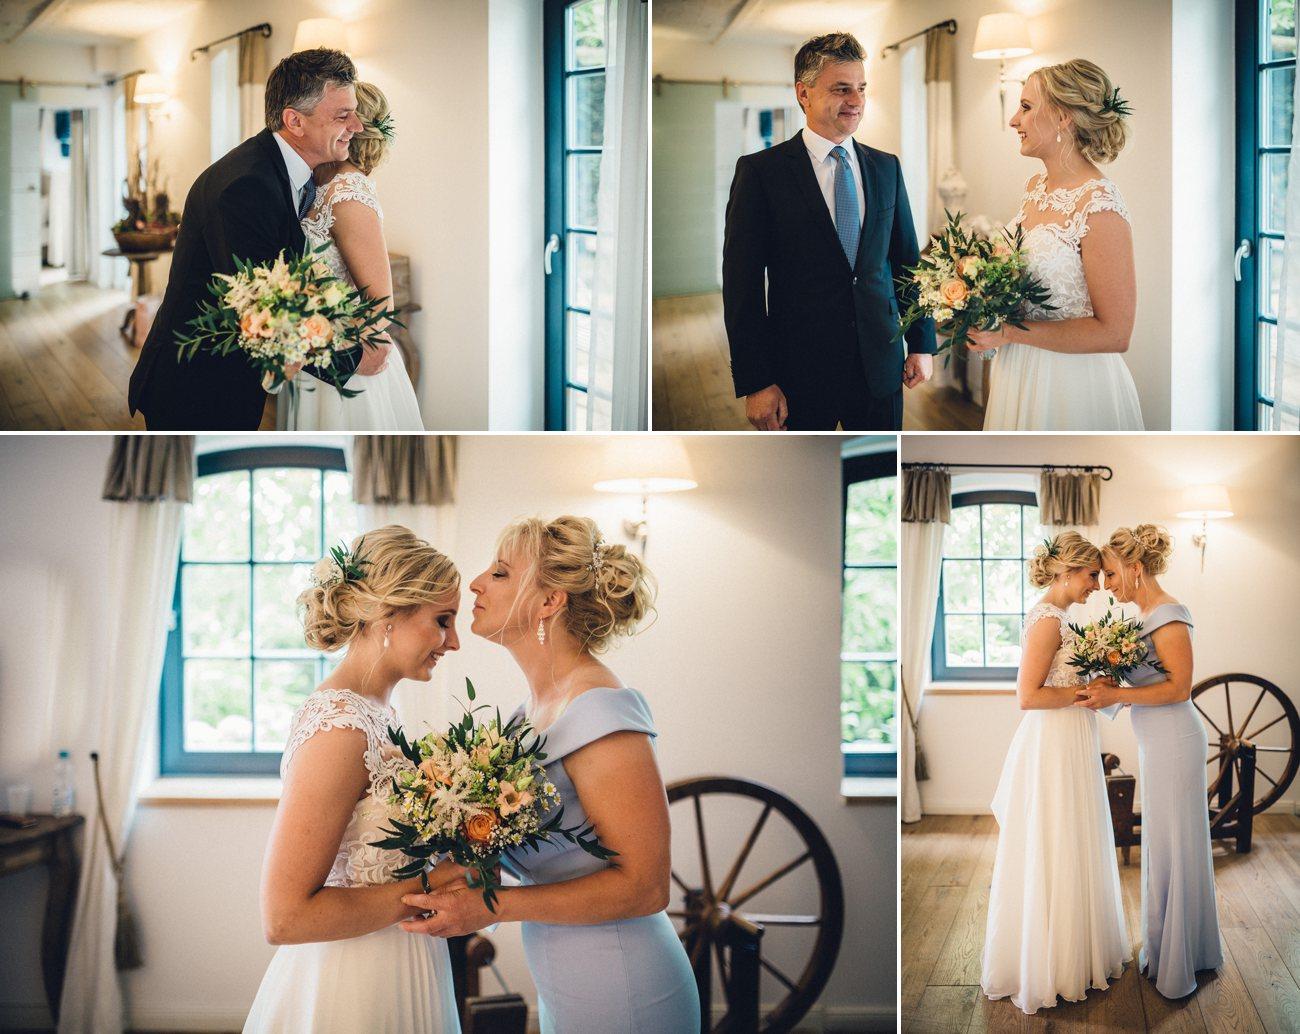 Spreewaldhochzeit_Hochzeitsfotograf_Schlepzig 32